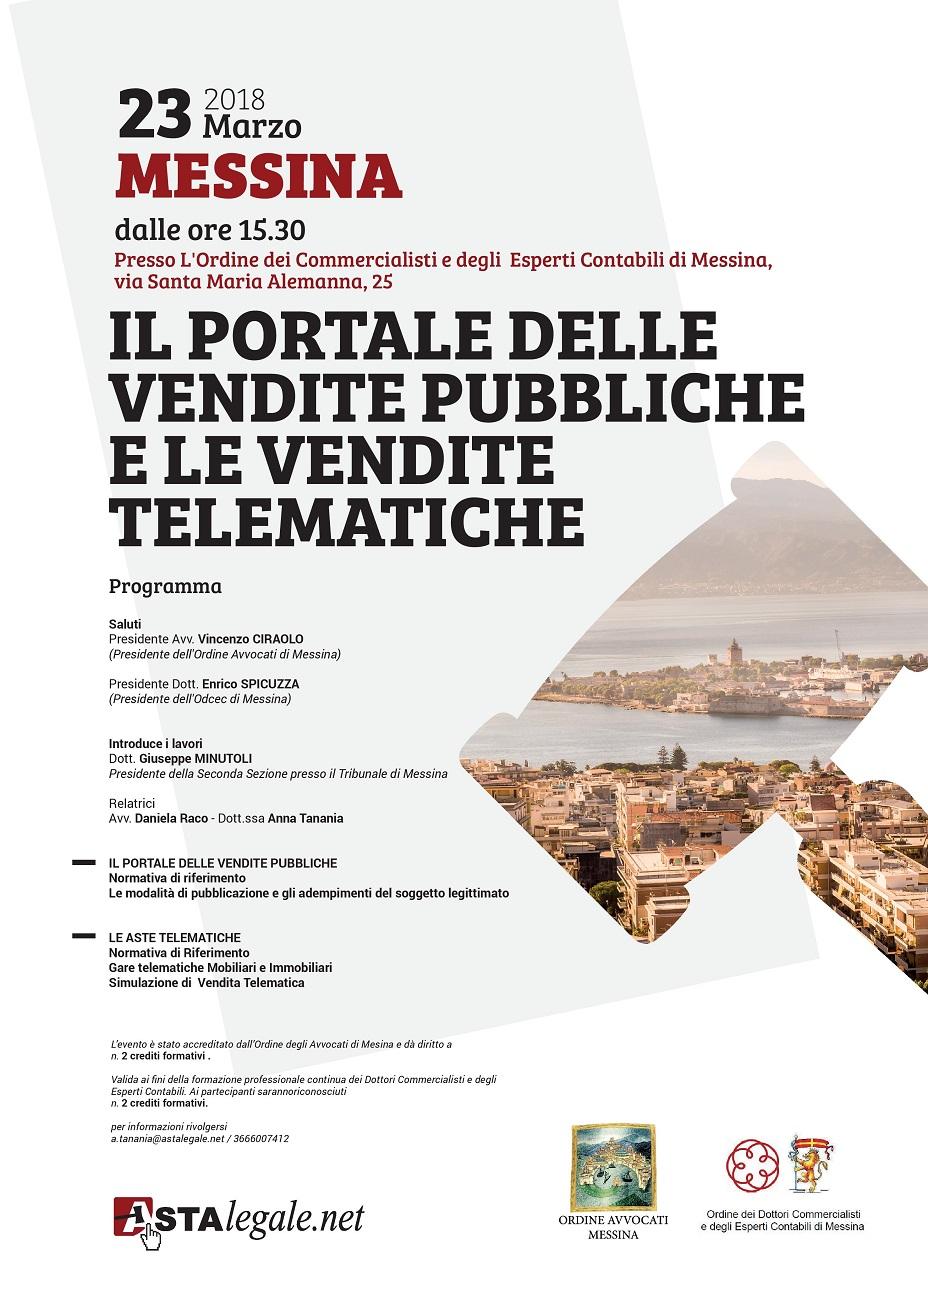 Cambio sede - Il portale delle vendite pubbliche e le vendite telematiche